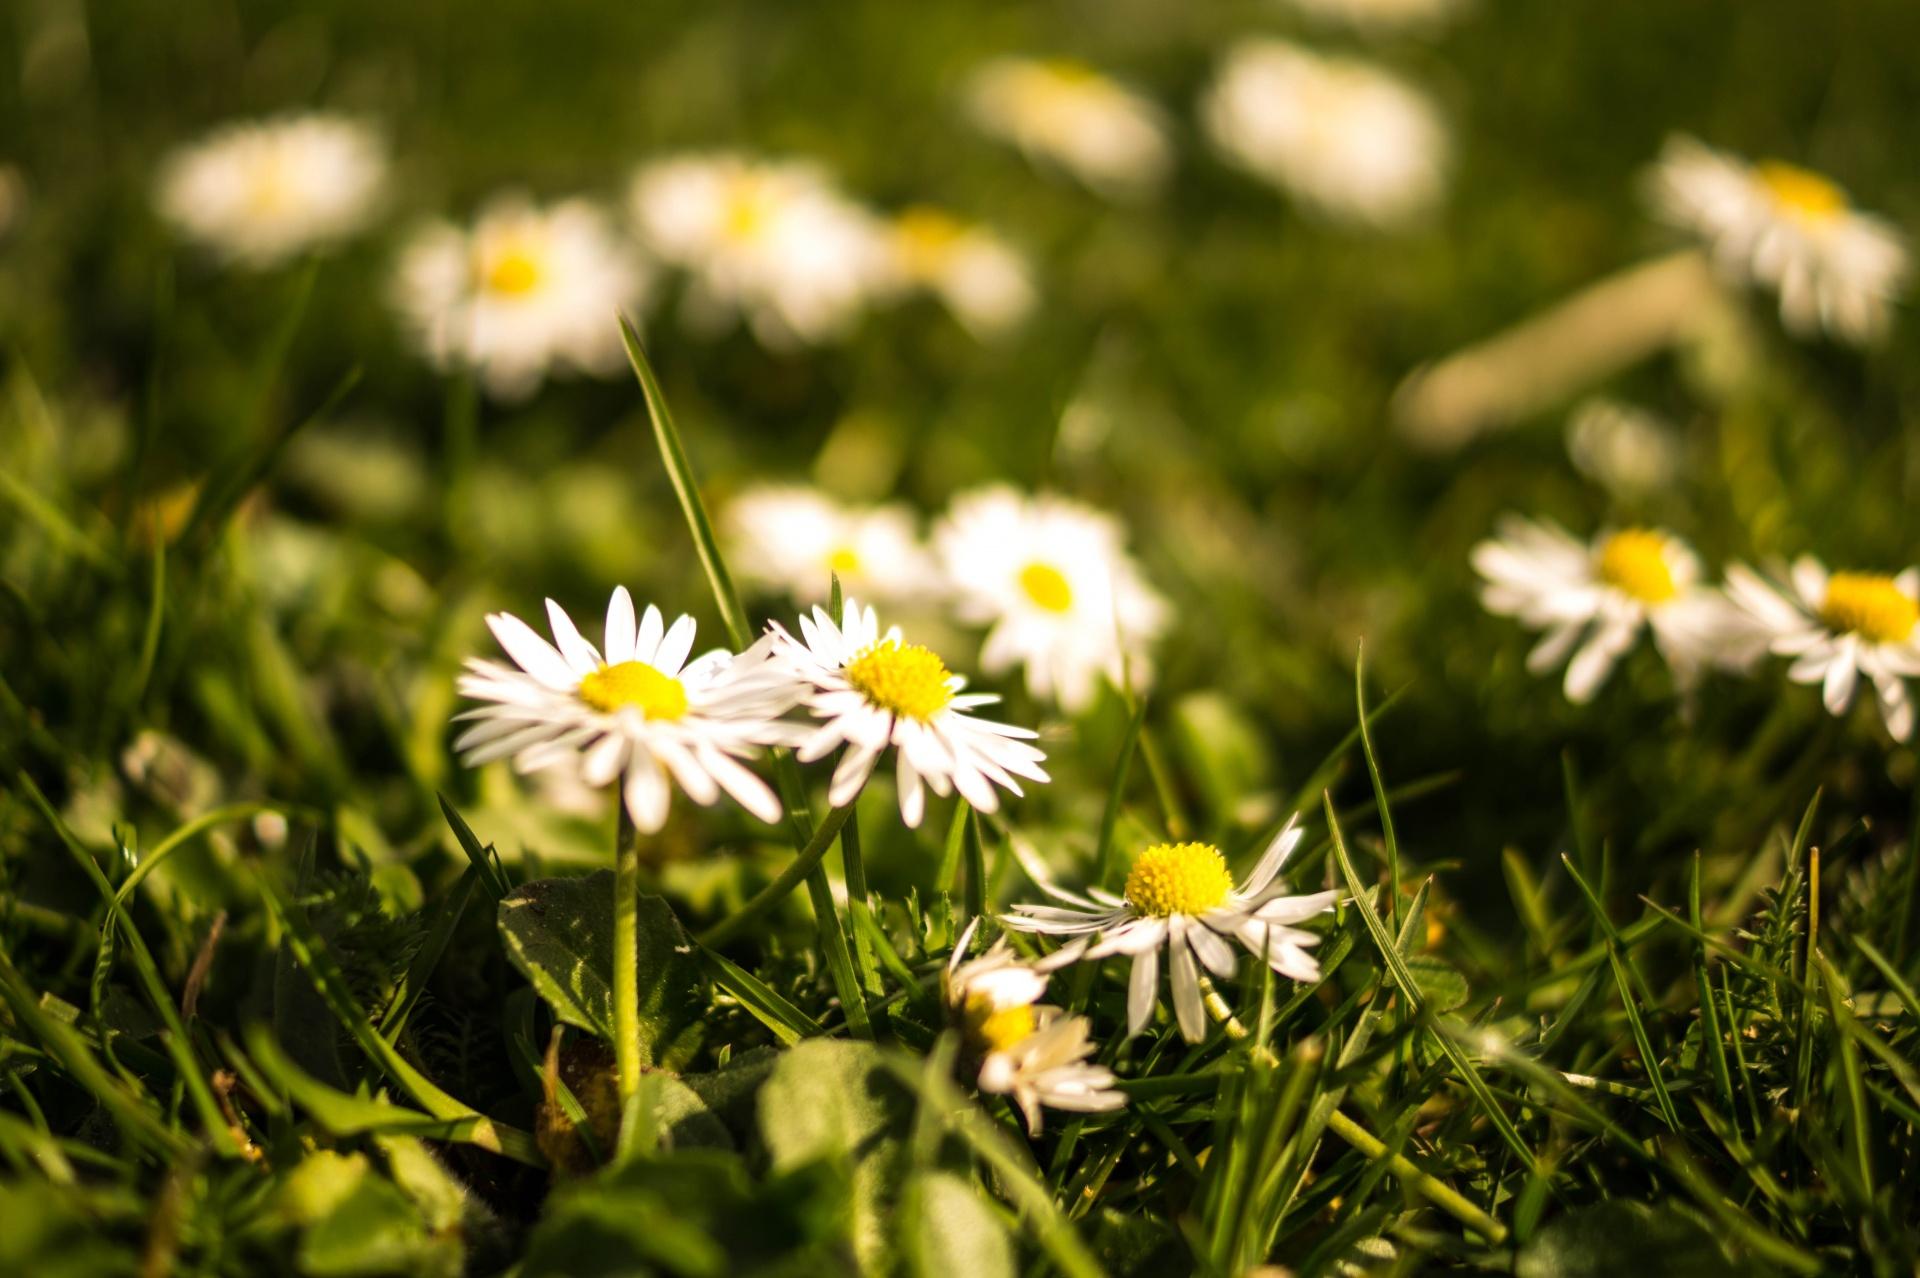 Daisy-free-license-CC01